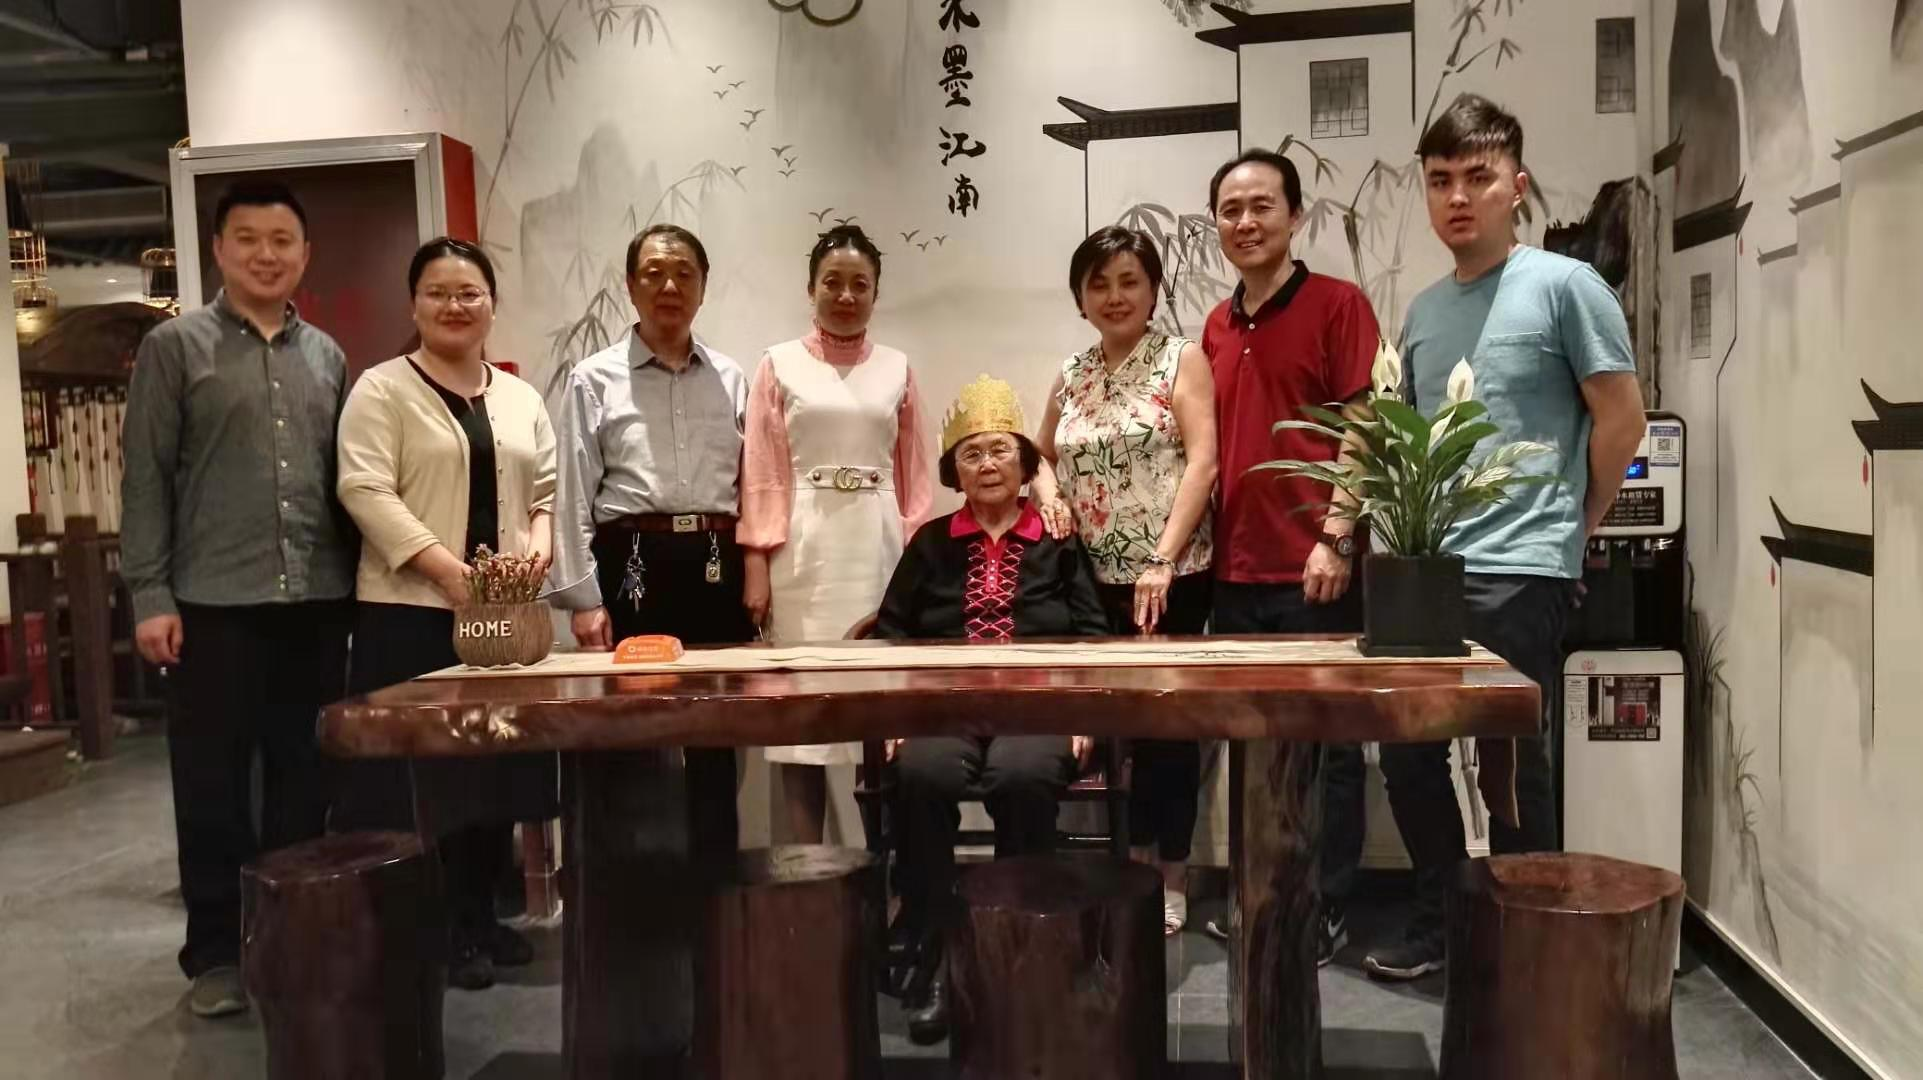 刘斌远家庭照片.jpg